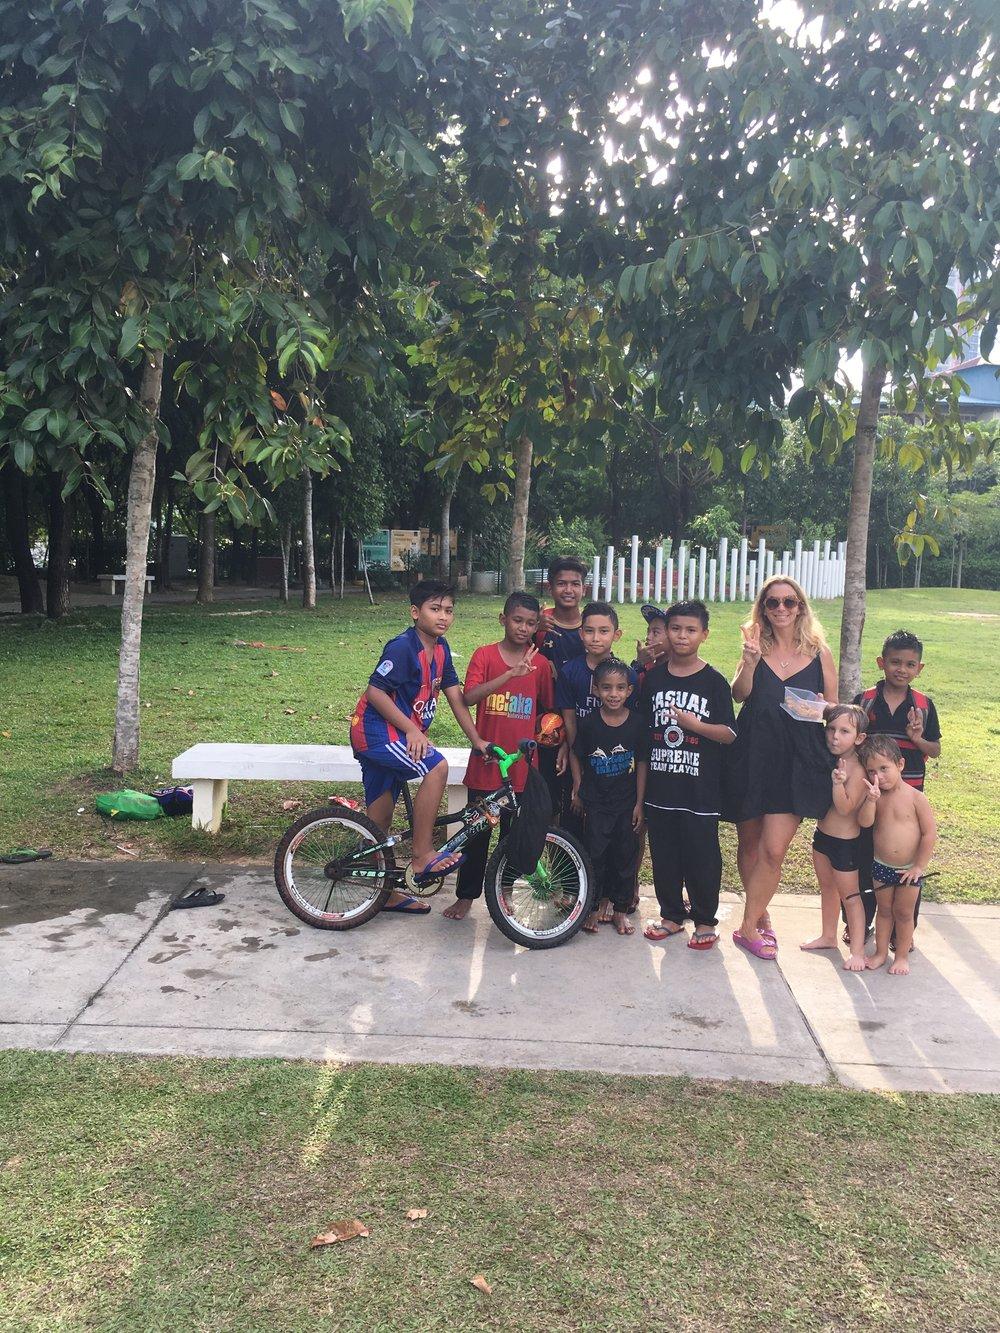 En un parque de Penang, Malasia. Los chicos se hicieron amigos de este grupo de niños y uno fue a su casa a buscar galletas hechas por su mamá, para compartir con nosotros.